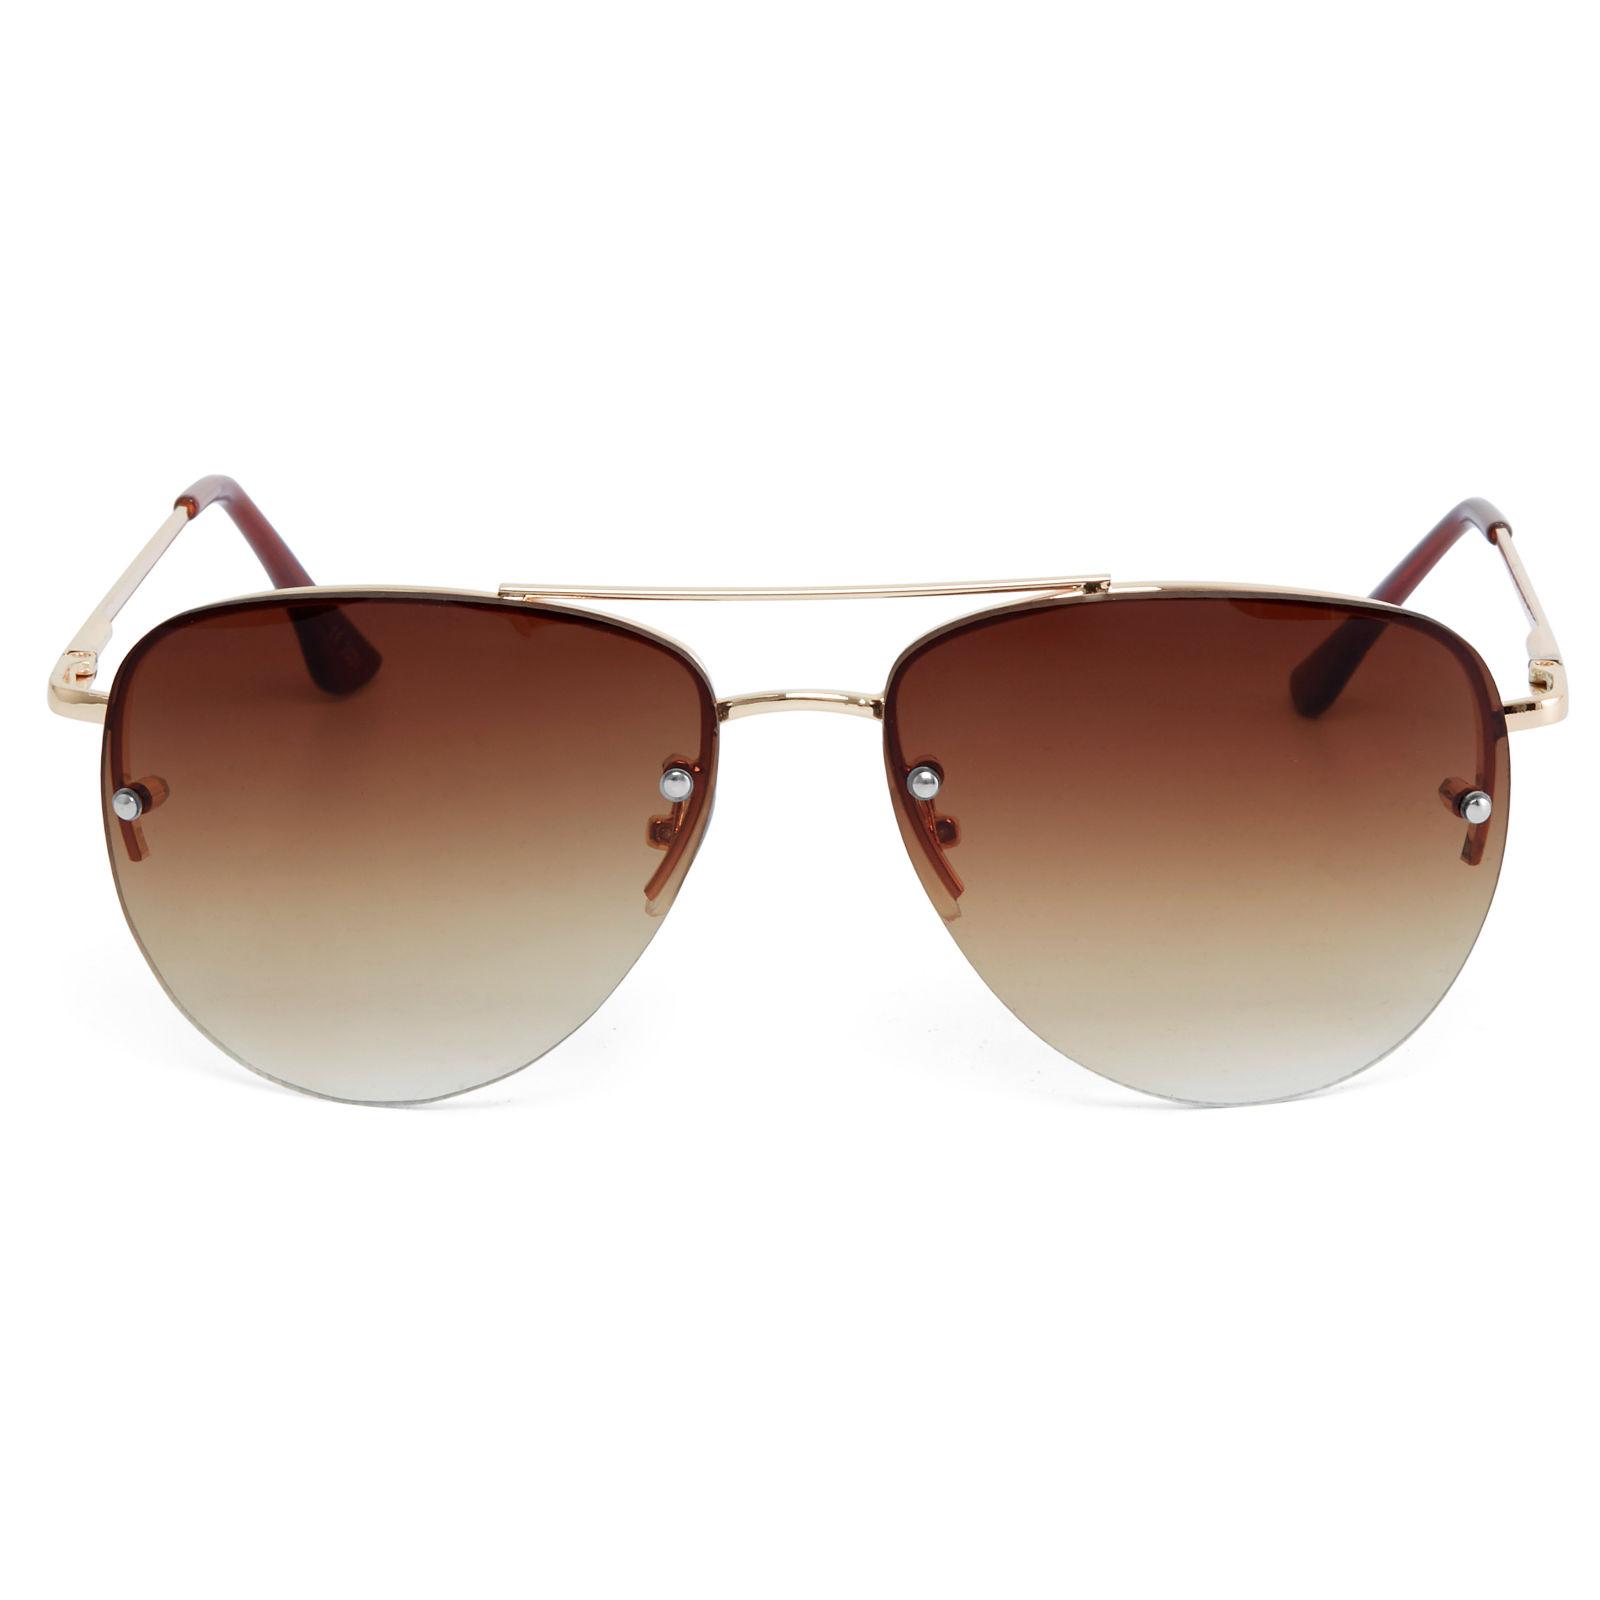 Browline Sonnenbrille Mit Brauner Verlaufstönung bzlAG8jE9B